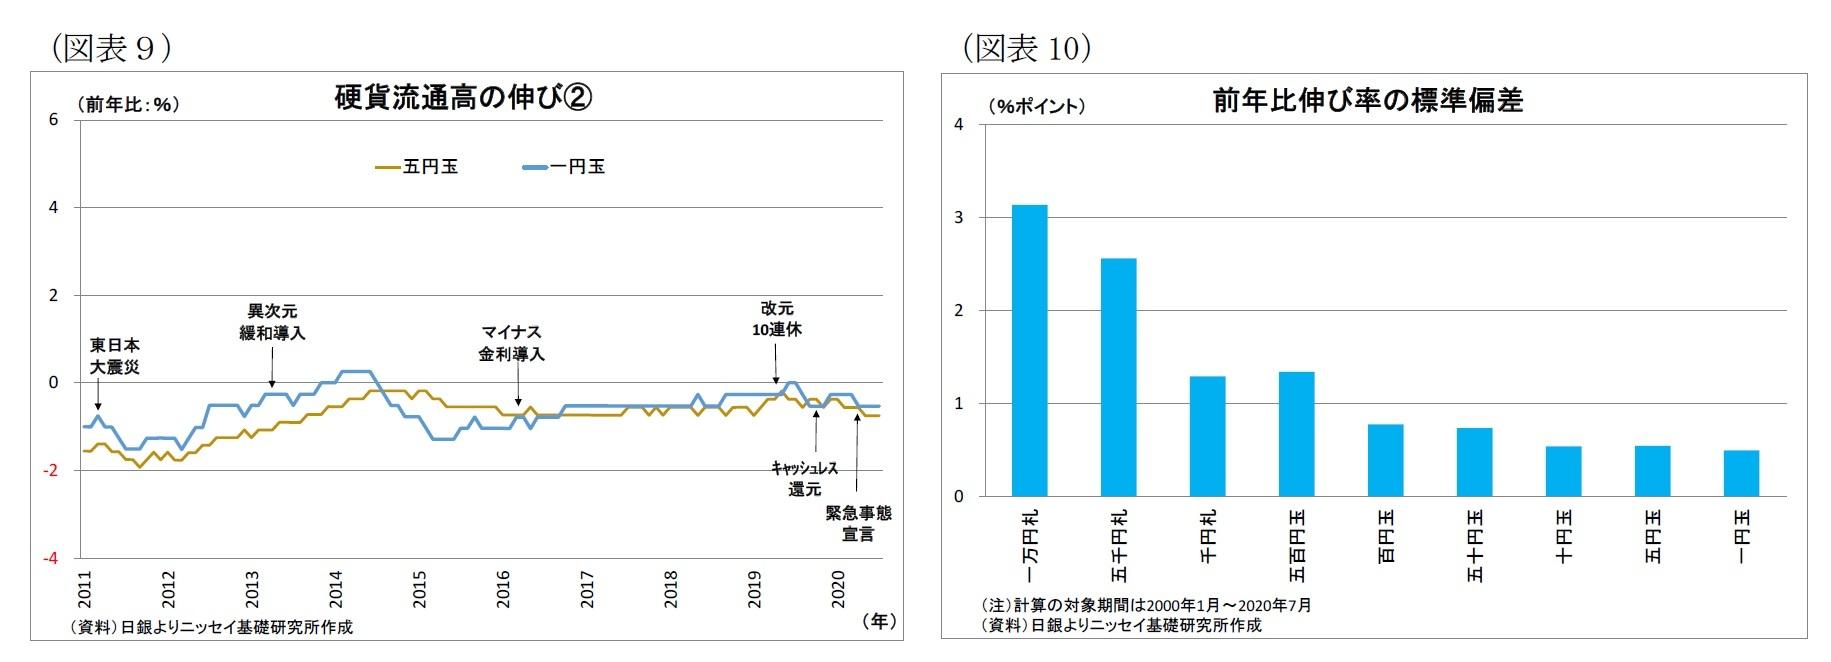 (図表9)硬貨流通高の伸び(2)/(図表10)前年比伸び率の標準偏差